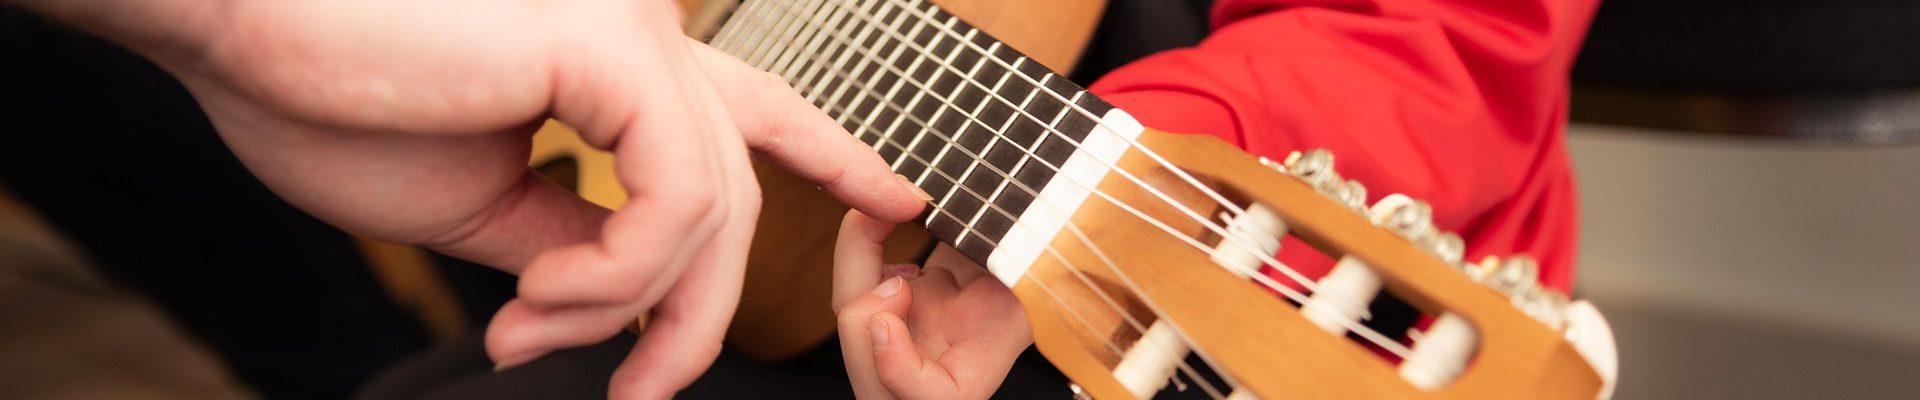 Actions pédagogiques Musique à la ferme